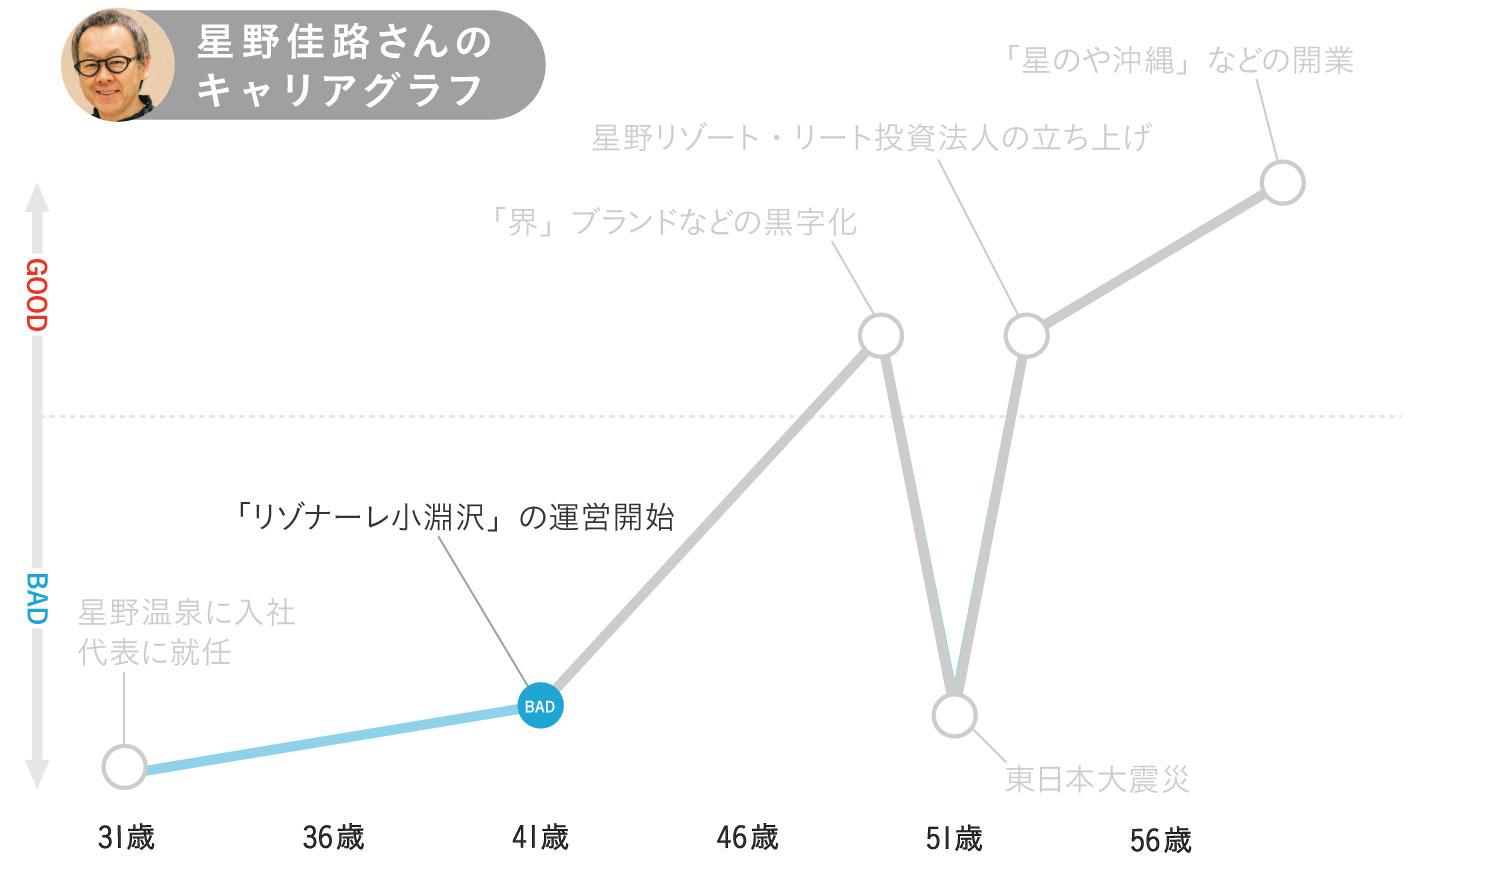 星野佳路さんのキャリアグラフ2